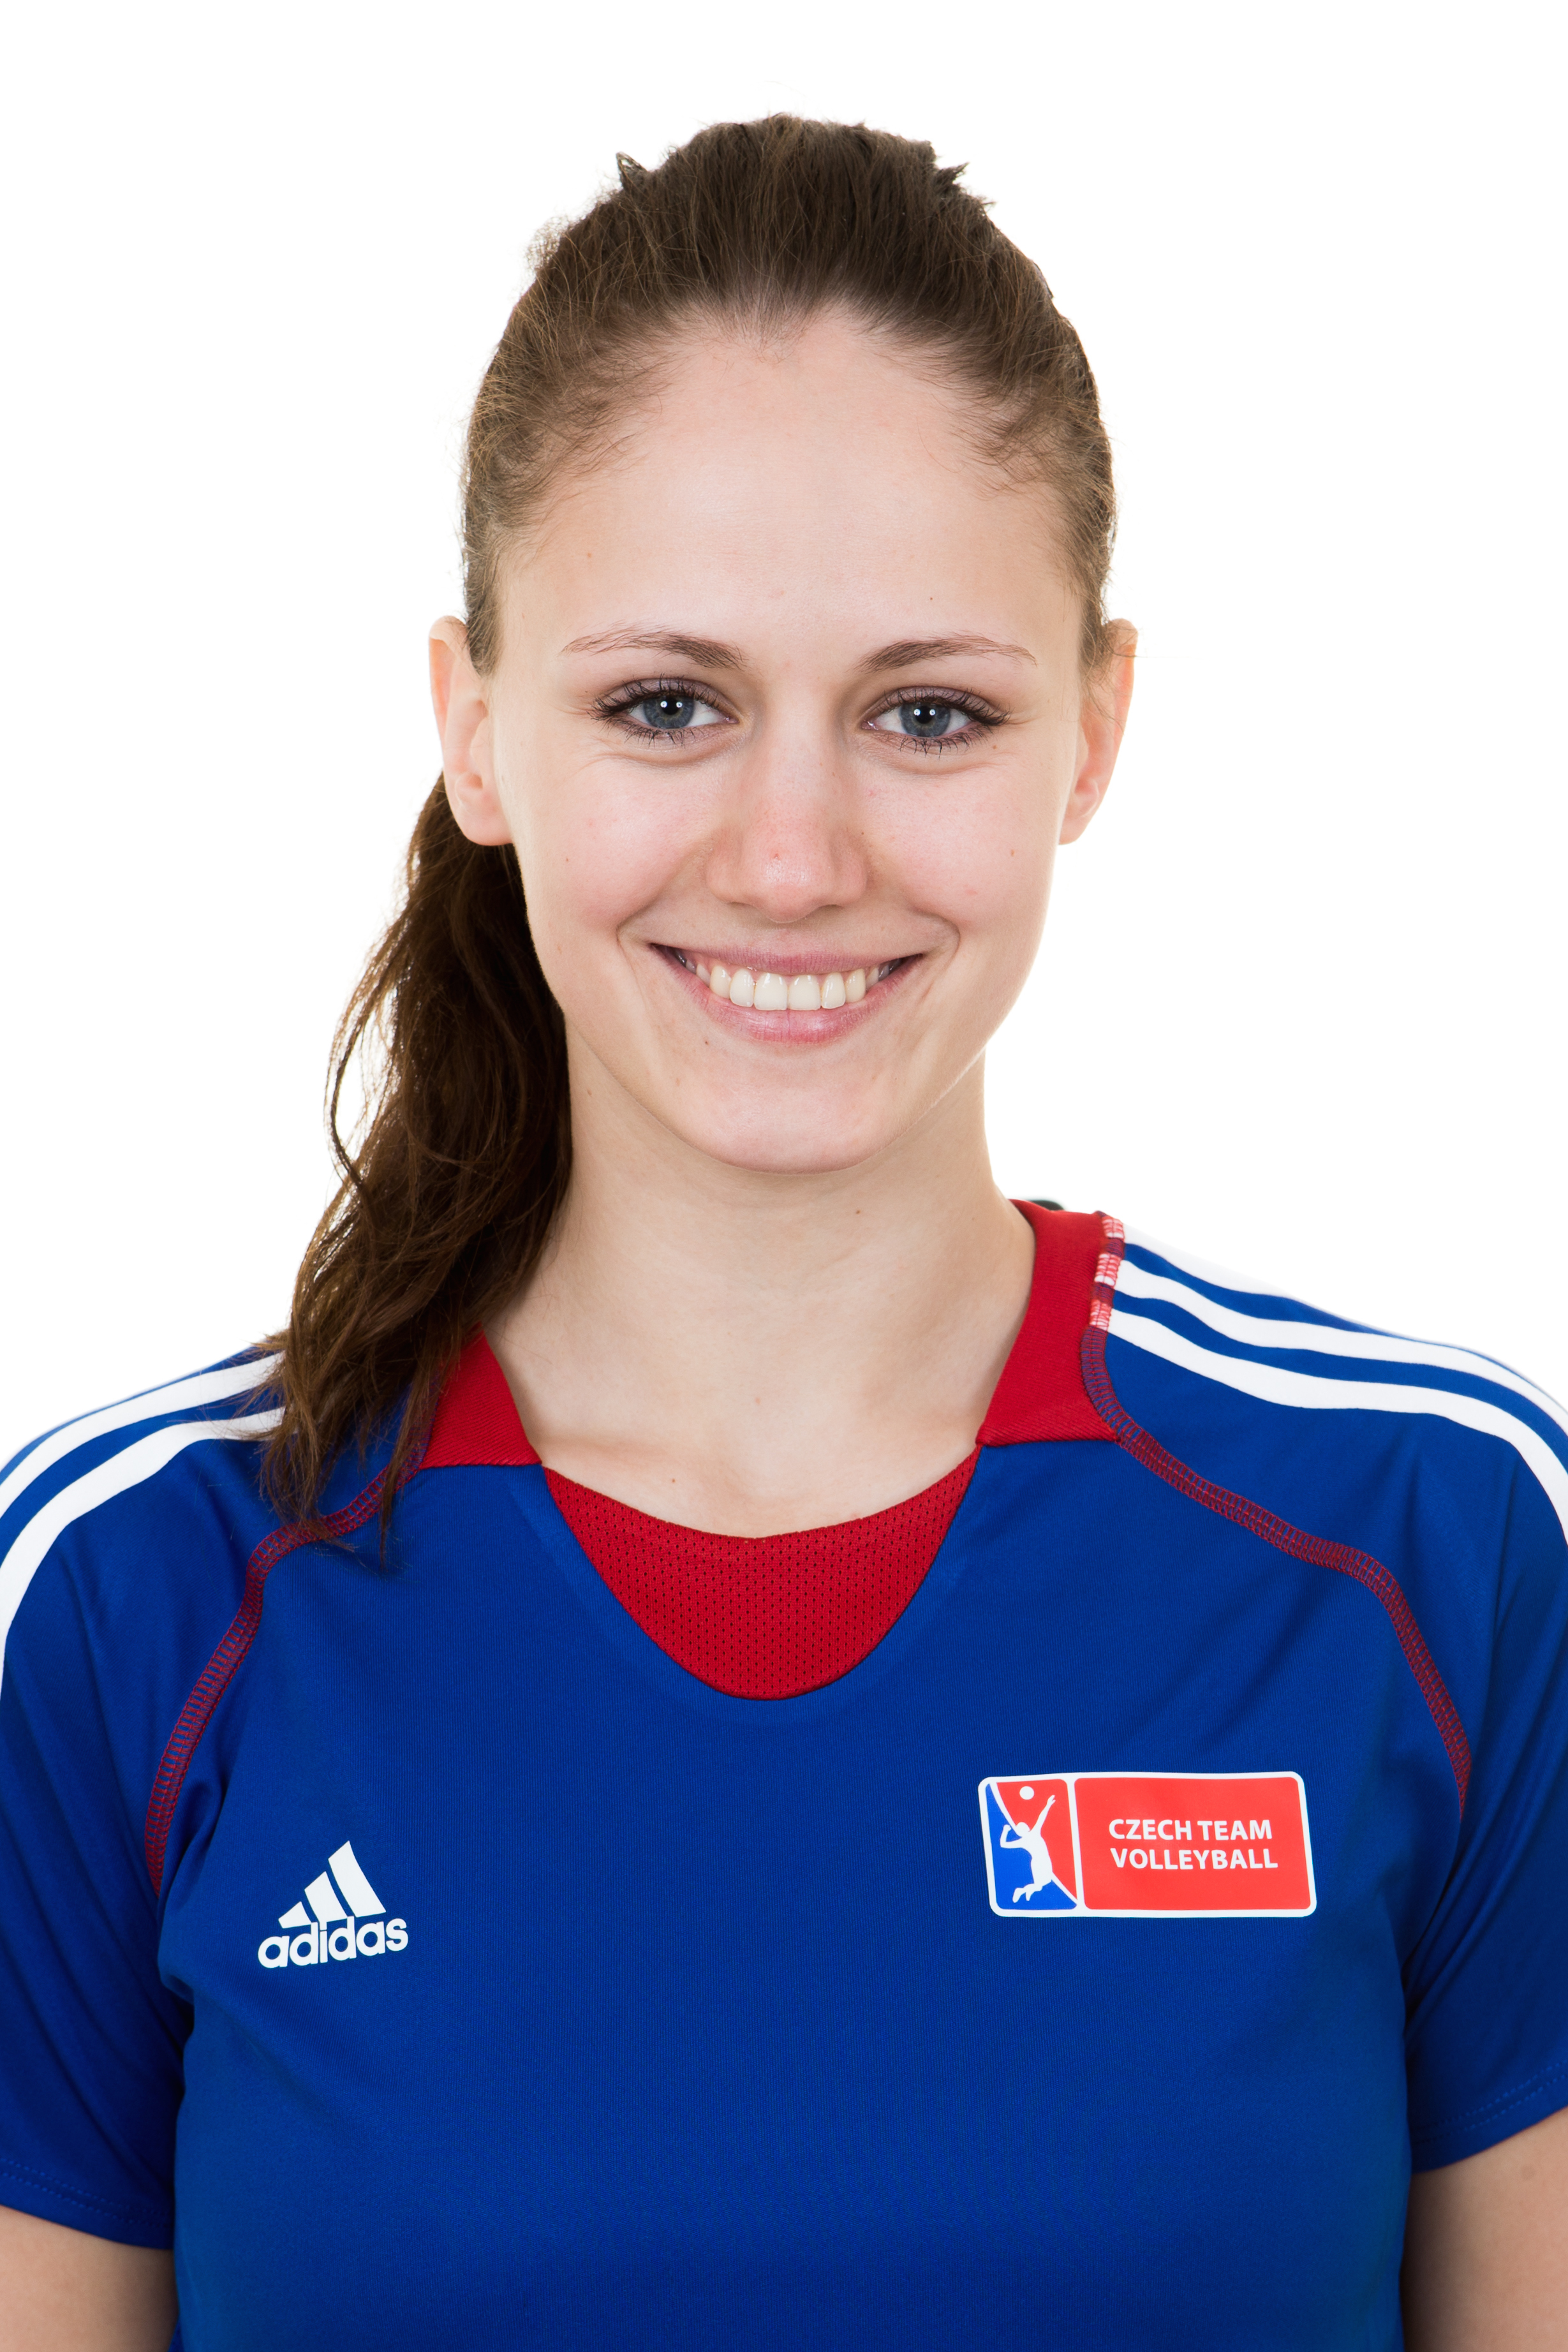 Klara Vyklicka